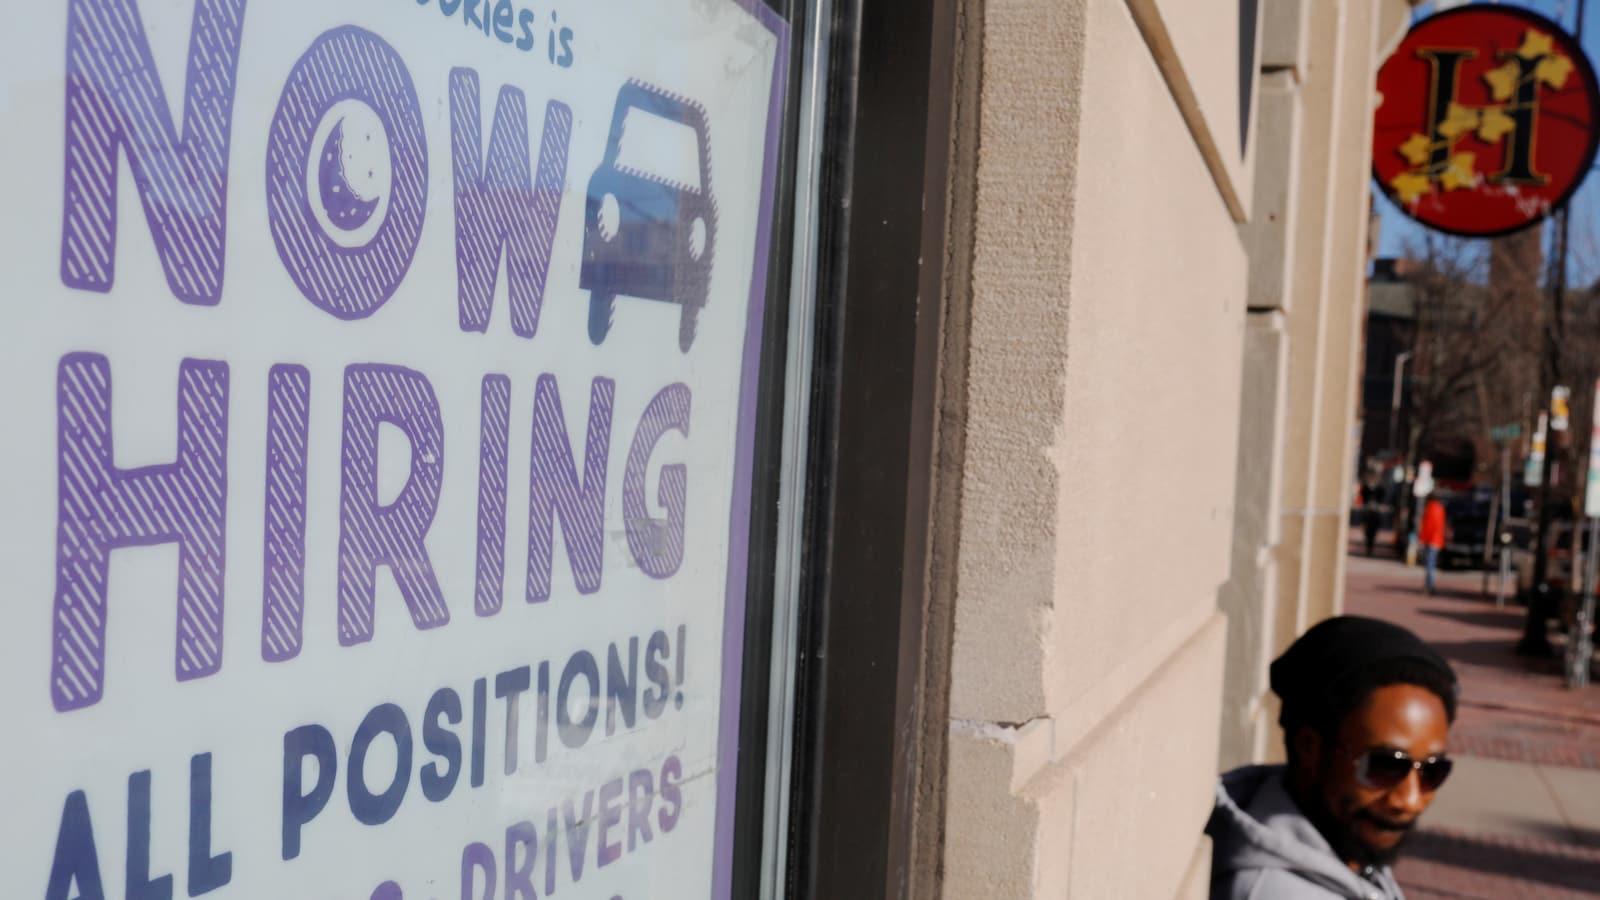 Un homme est appuyé sur un mur près d'une pancarte invitant les demandeurs d'emploi à soumettre leur candidature